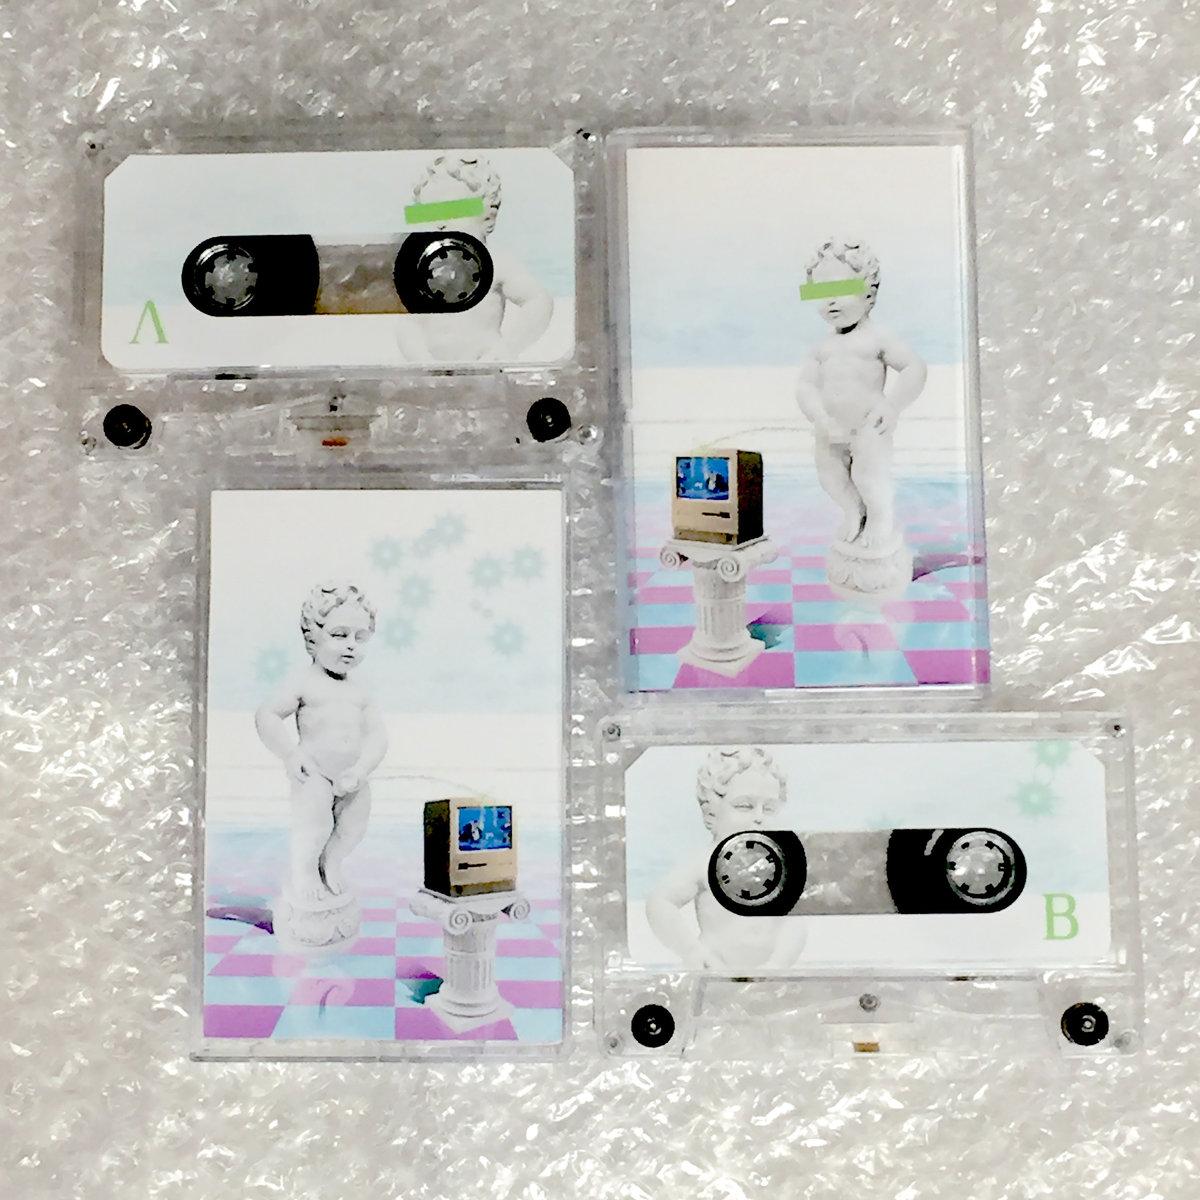 A Q U A R I A N A E S T H E T I C by Azuresands大麻 (ultrachrome ICON audiophile grade cassette) 1